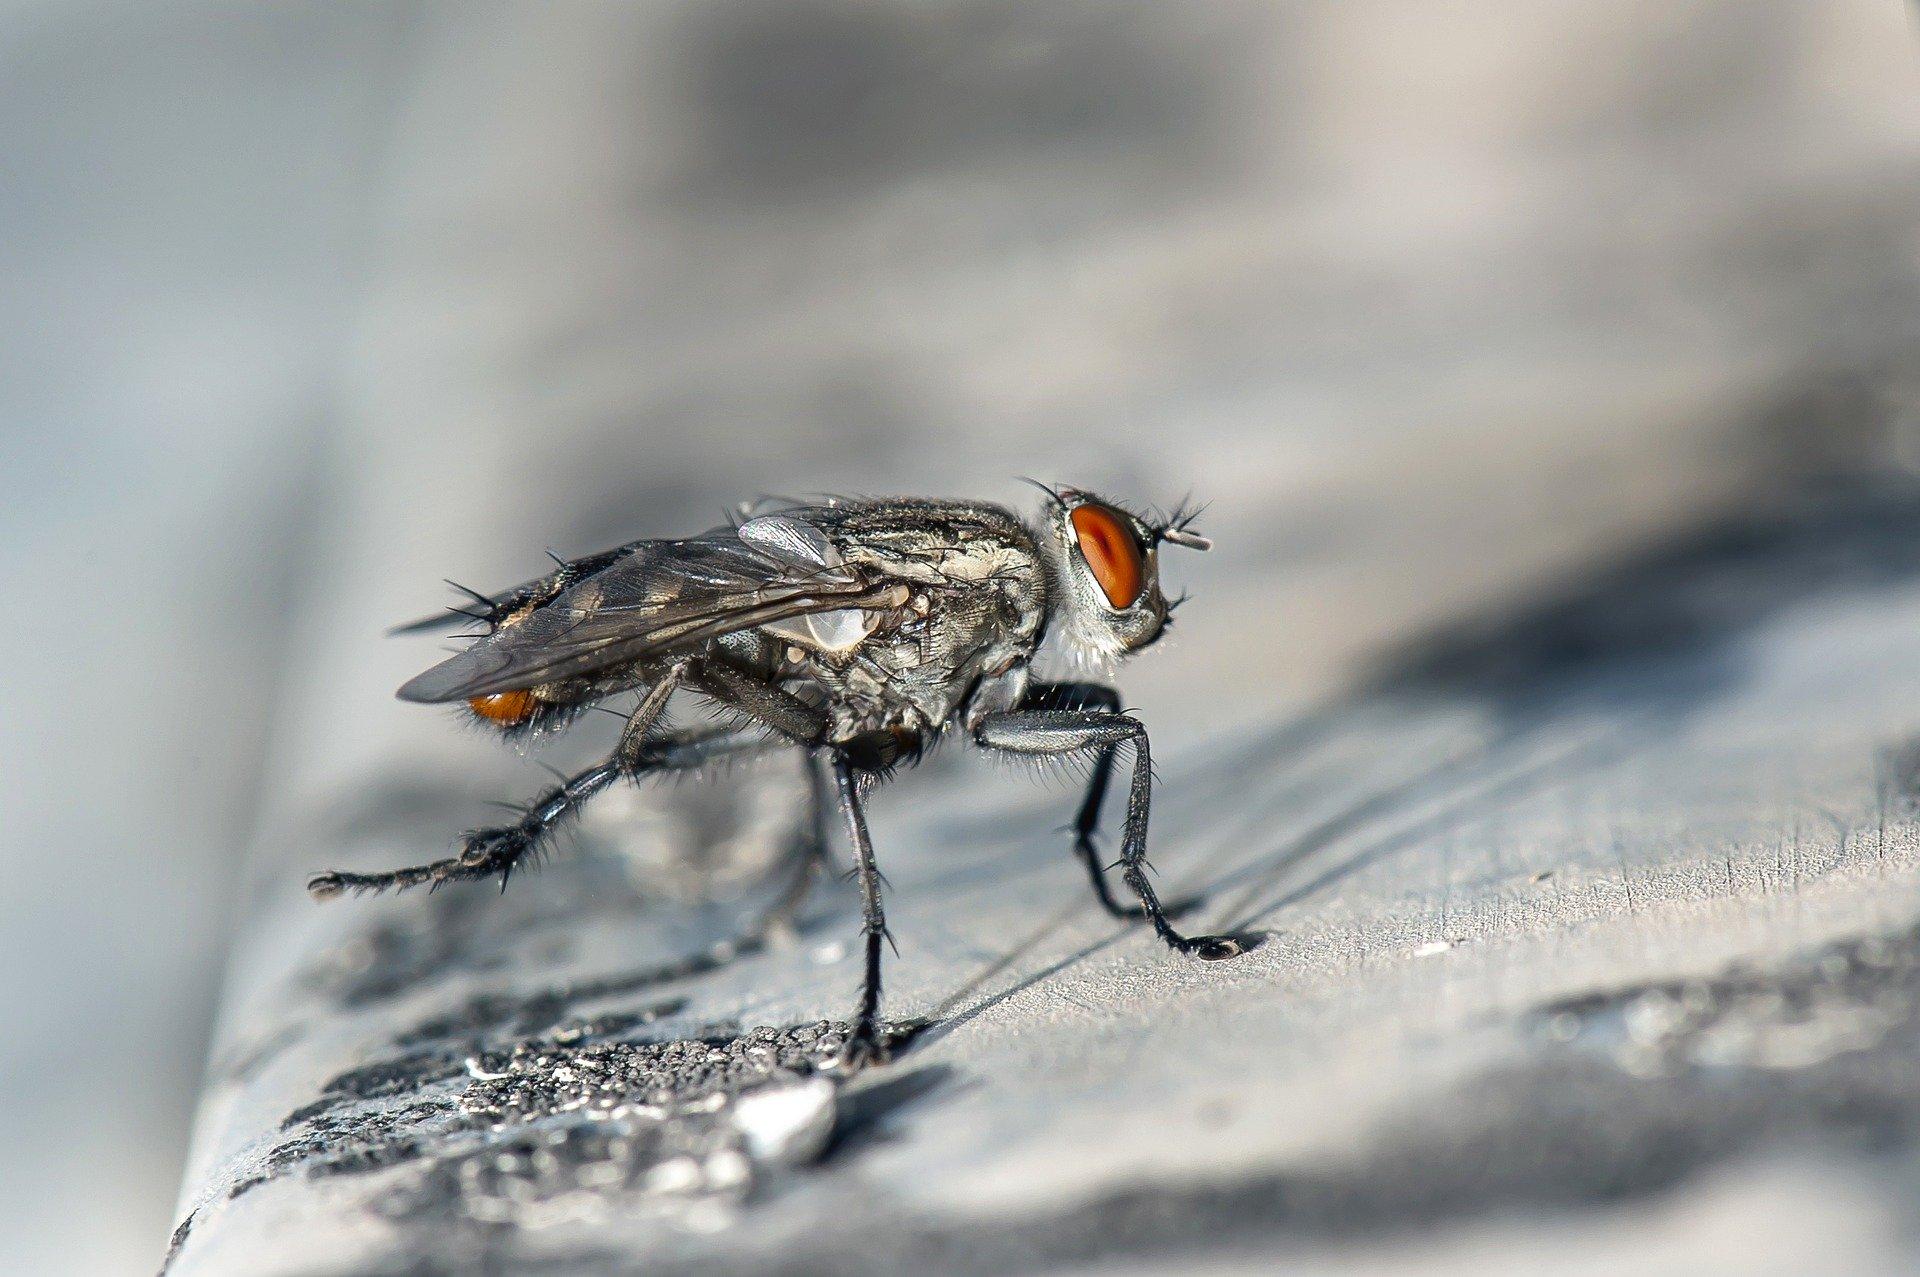 ochrona przed owadami